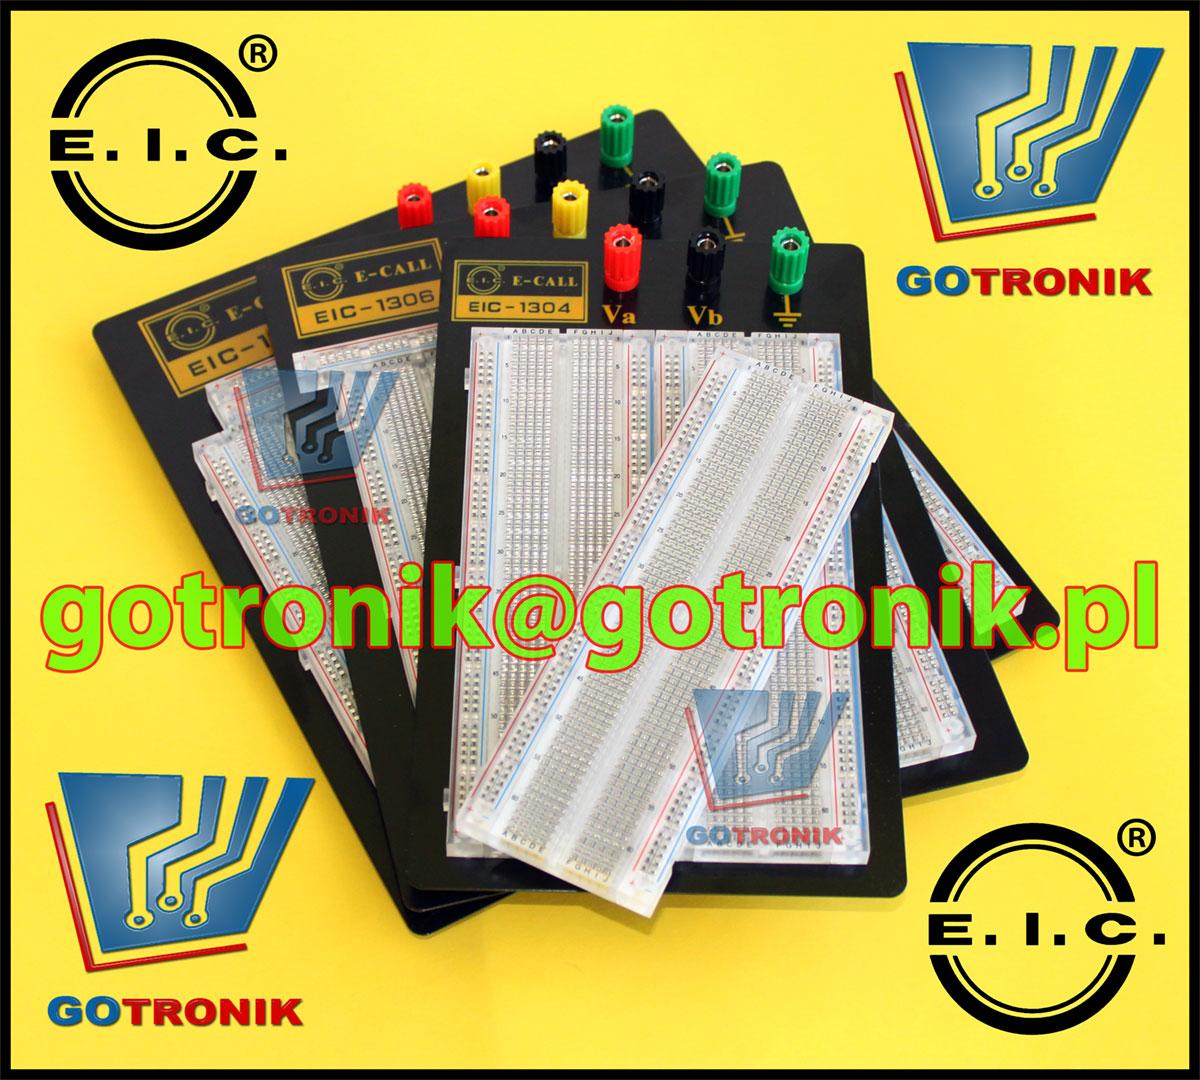 Przeźroczyste płytki stykowe z serii EIC-1308, EIC-1306, EIC-1304, EIC-1302,